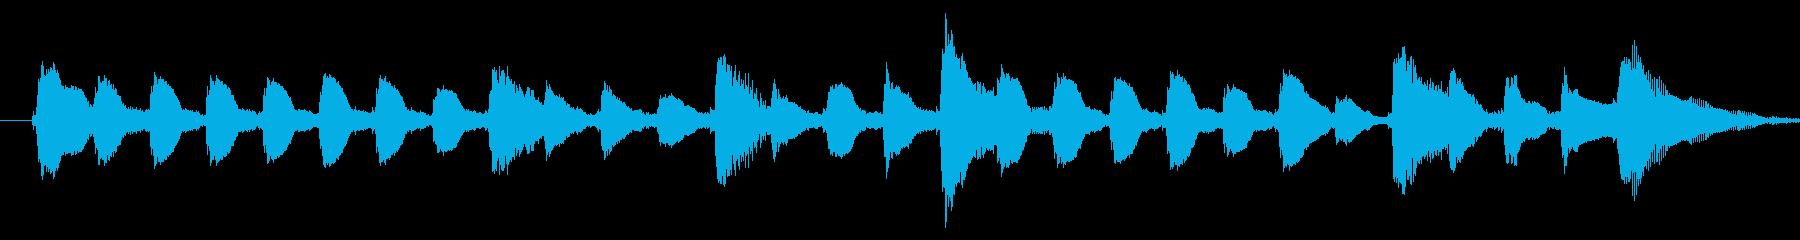 軽やかなピアノ爽やかなジングルの再生済みの波形